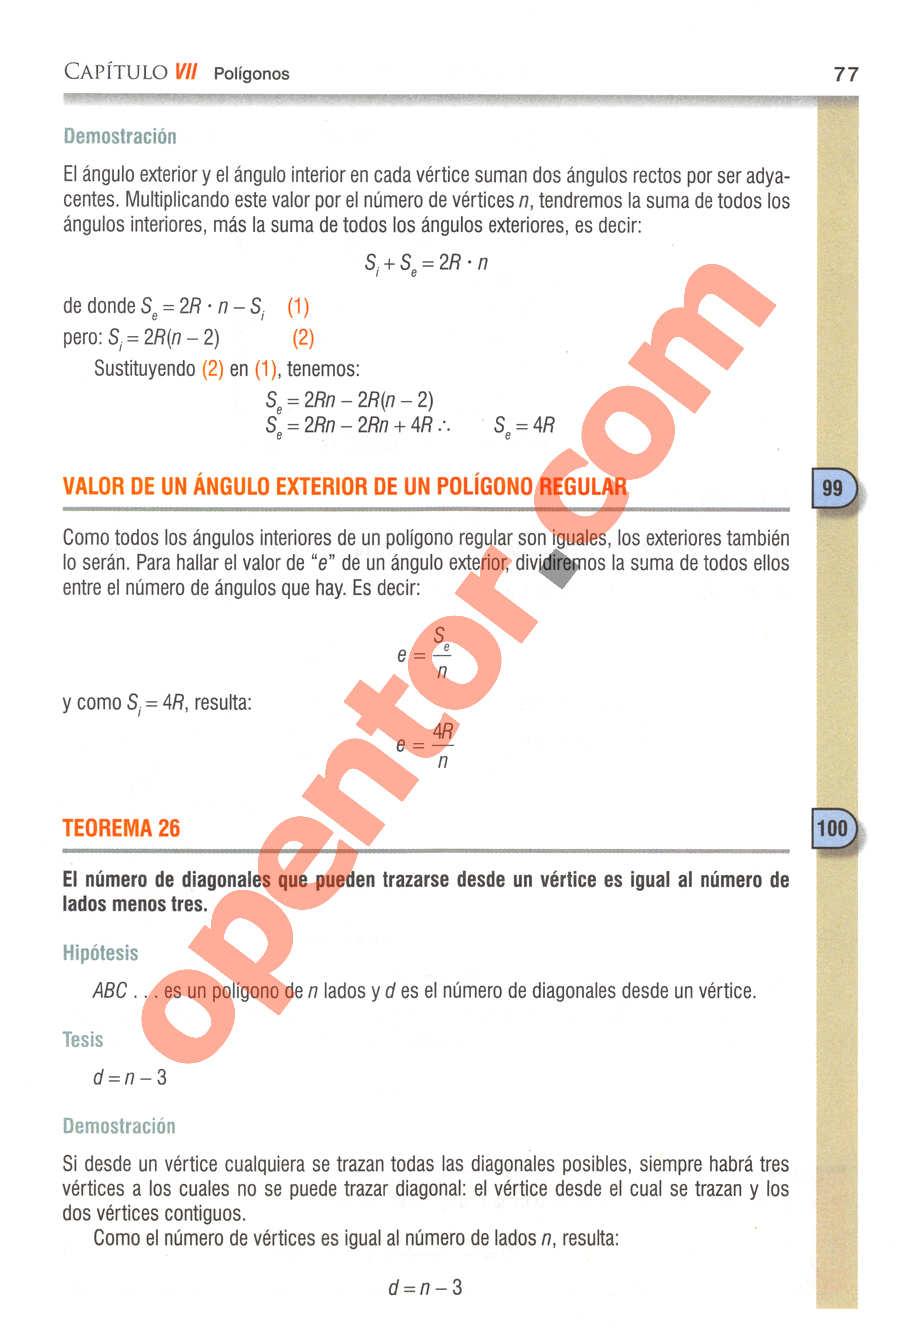 Geometría y Trigonometría de Baldor - Página 77